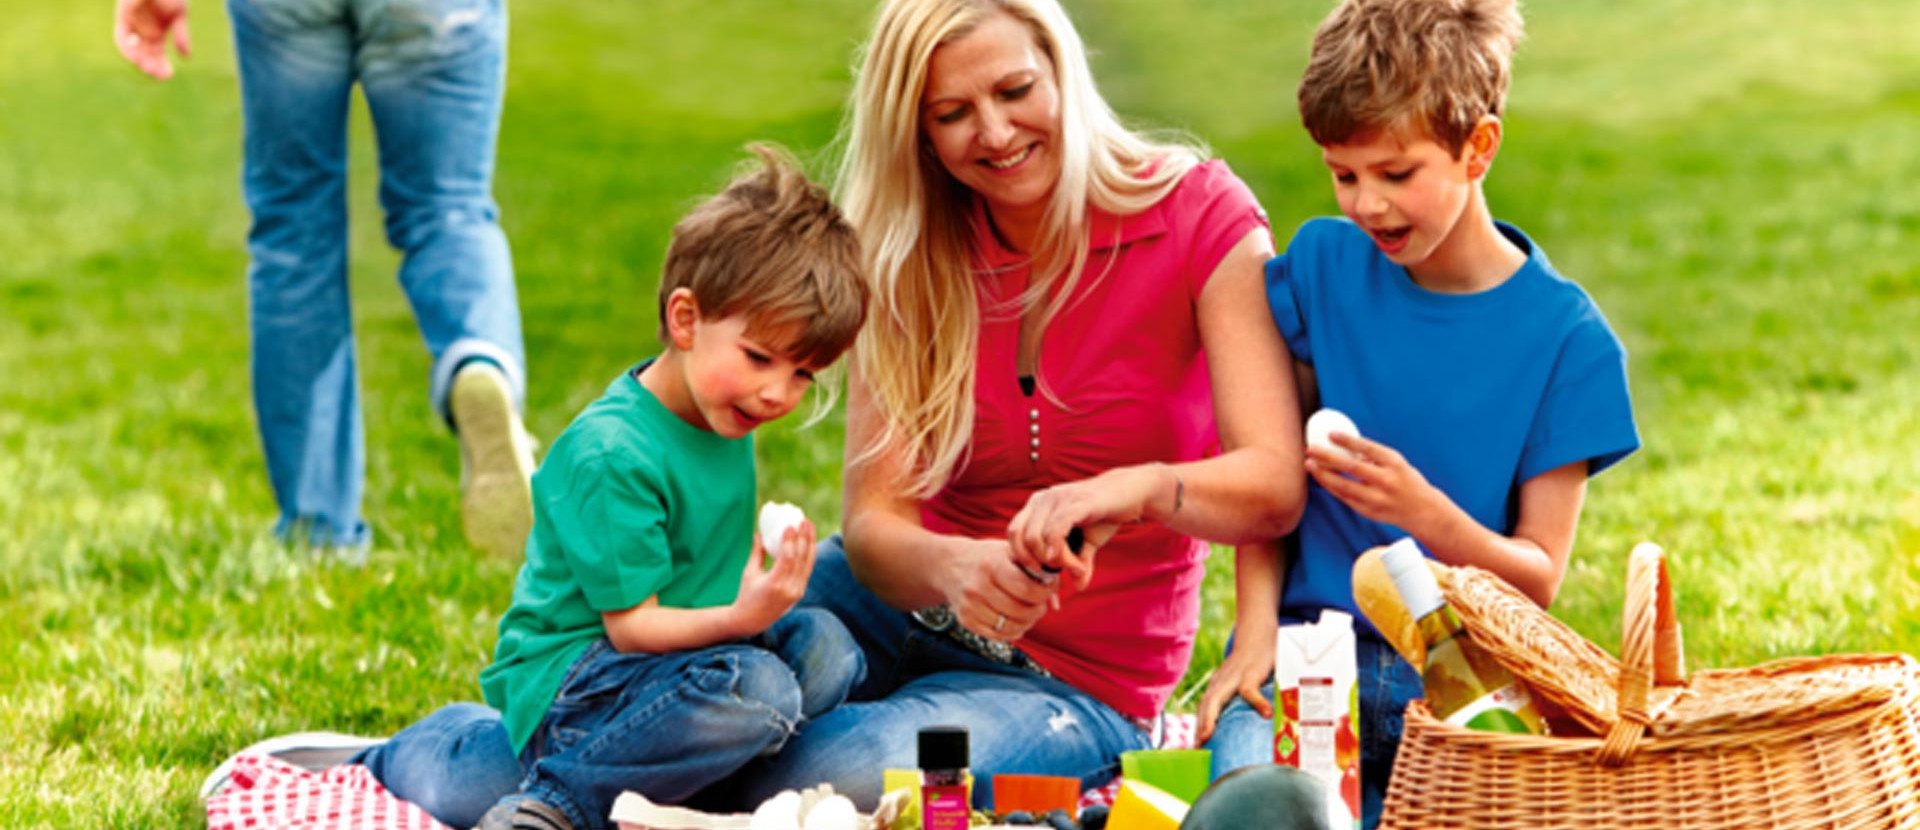 Frau und zwei Kinder beim Picknick